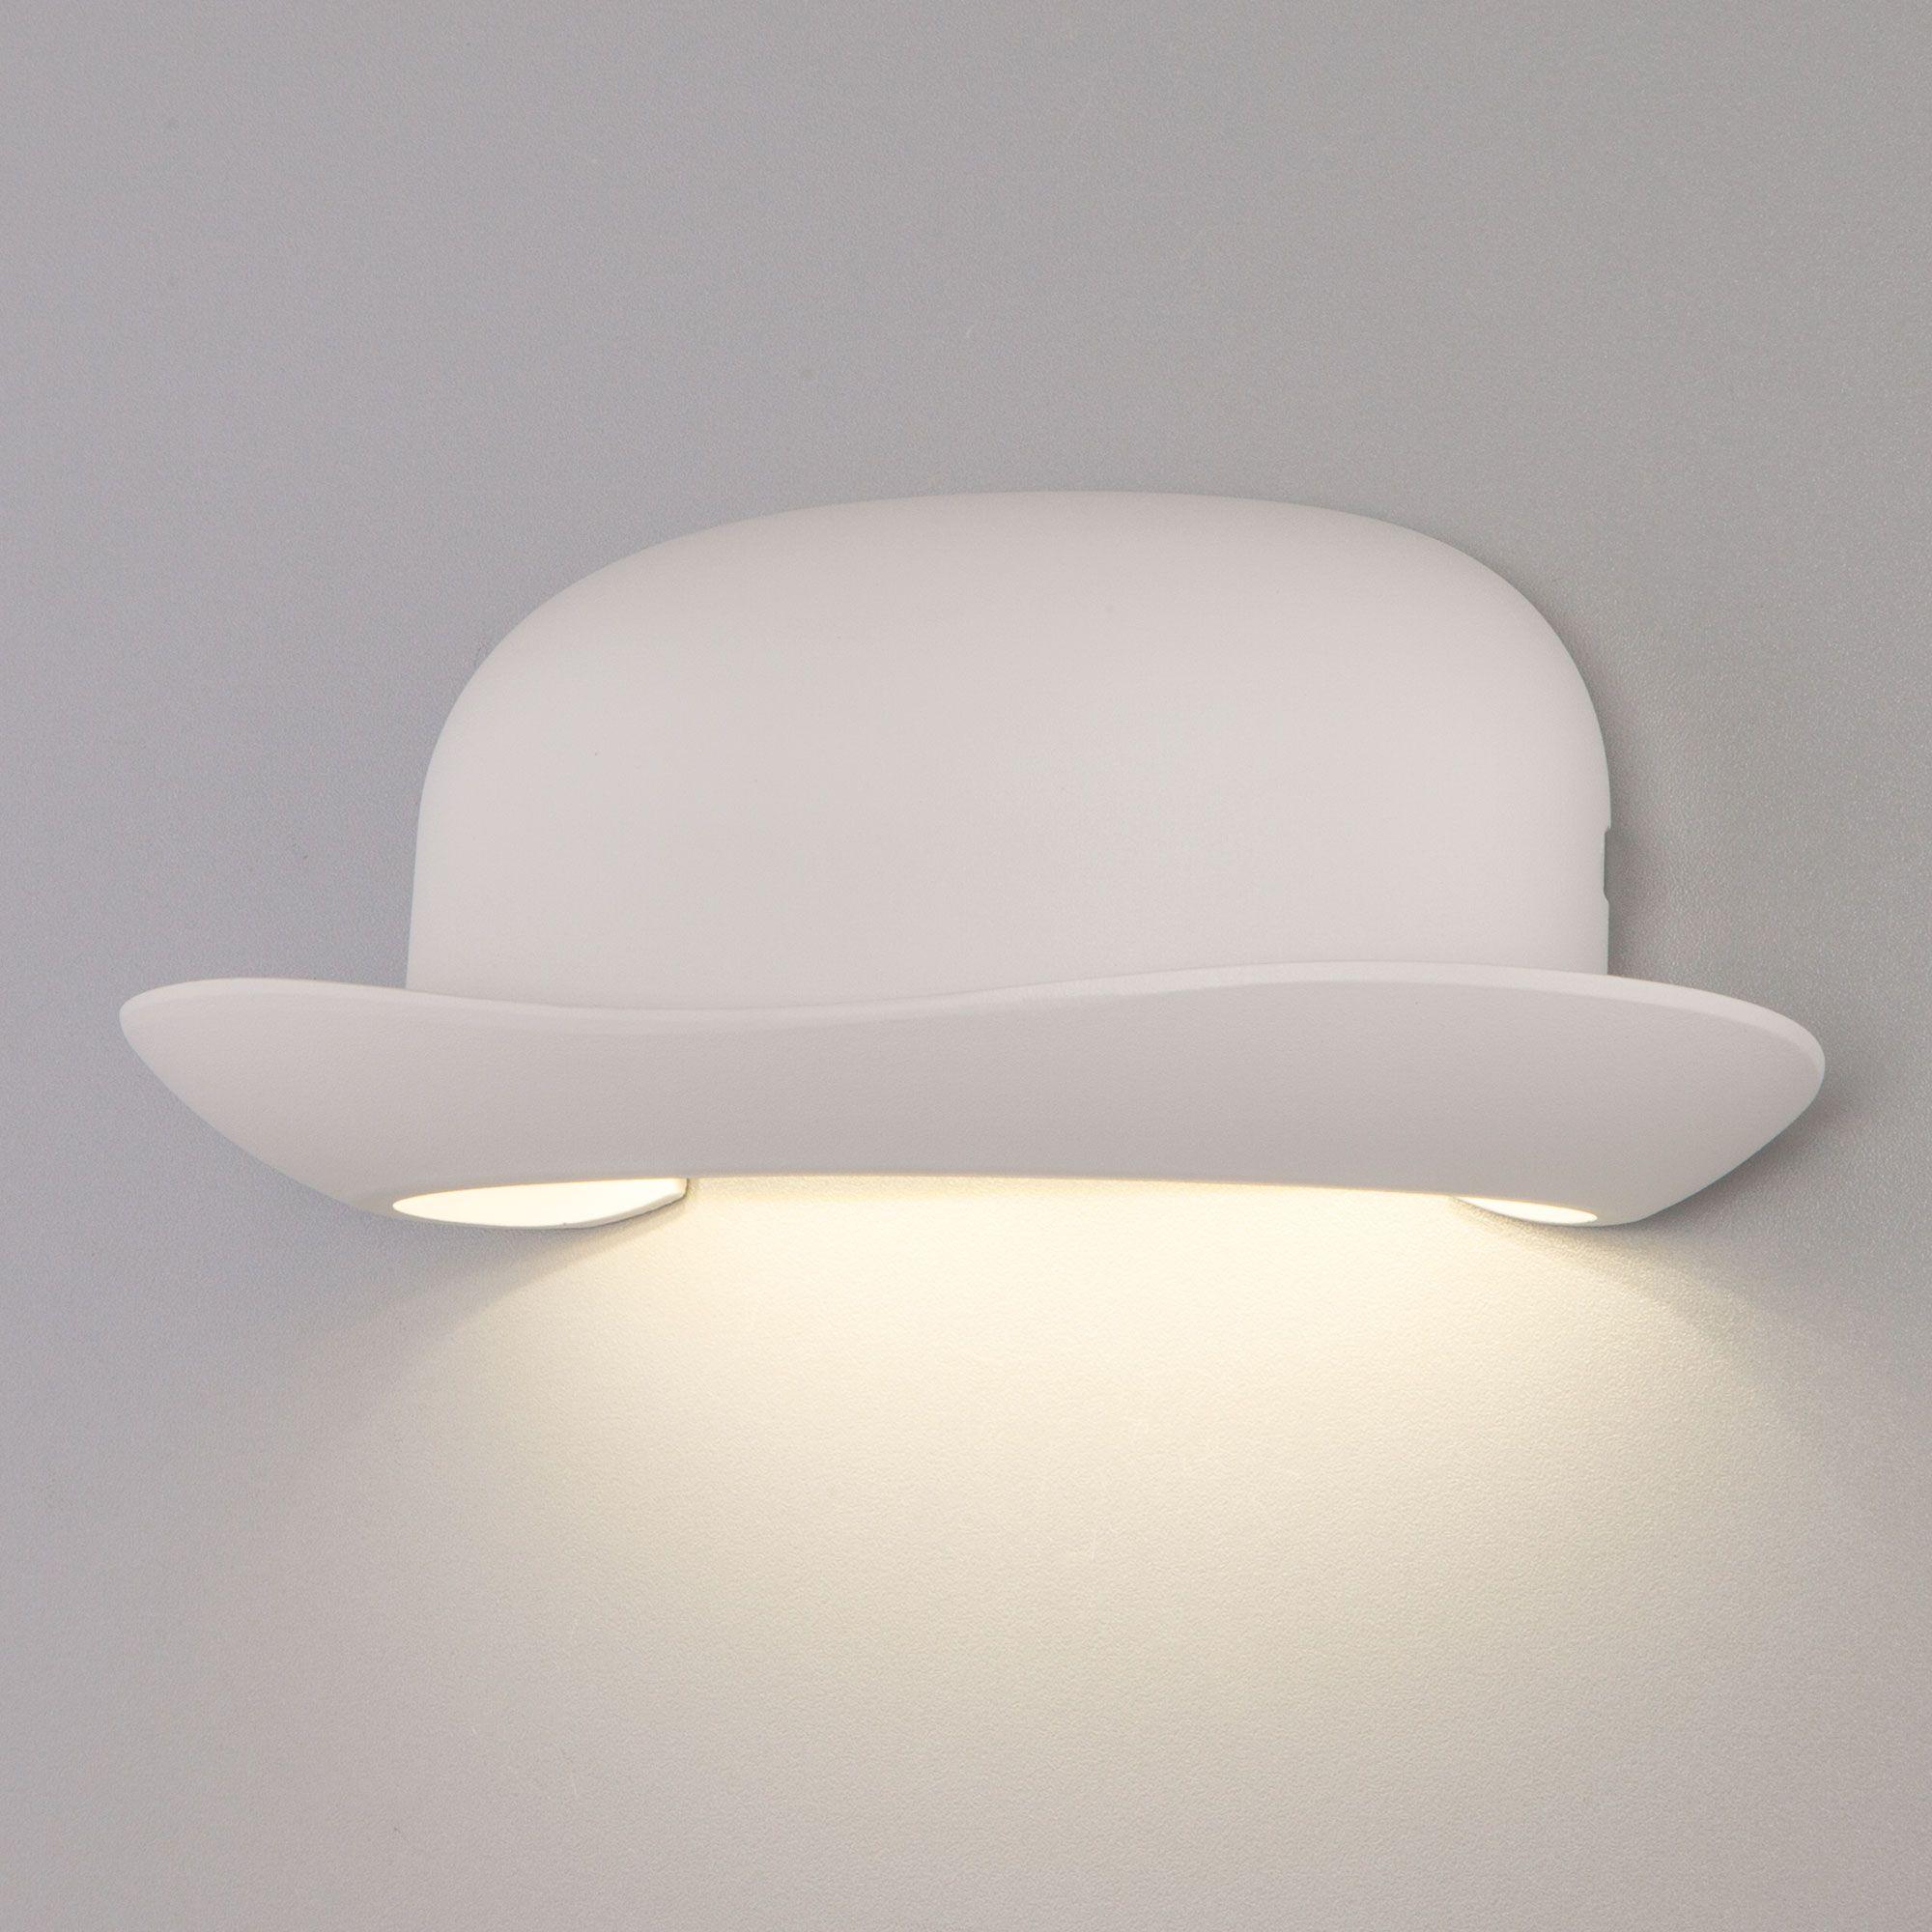 Настенный светодиодный светильник Keip LED MRL LED 1011 белый